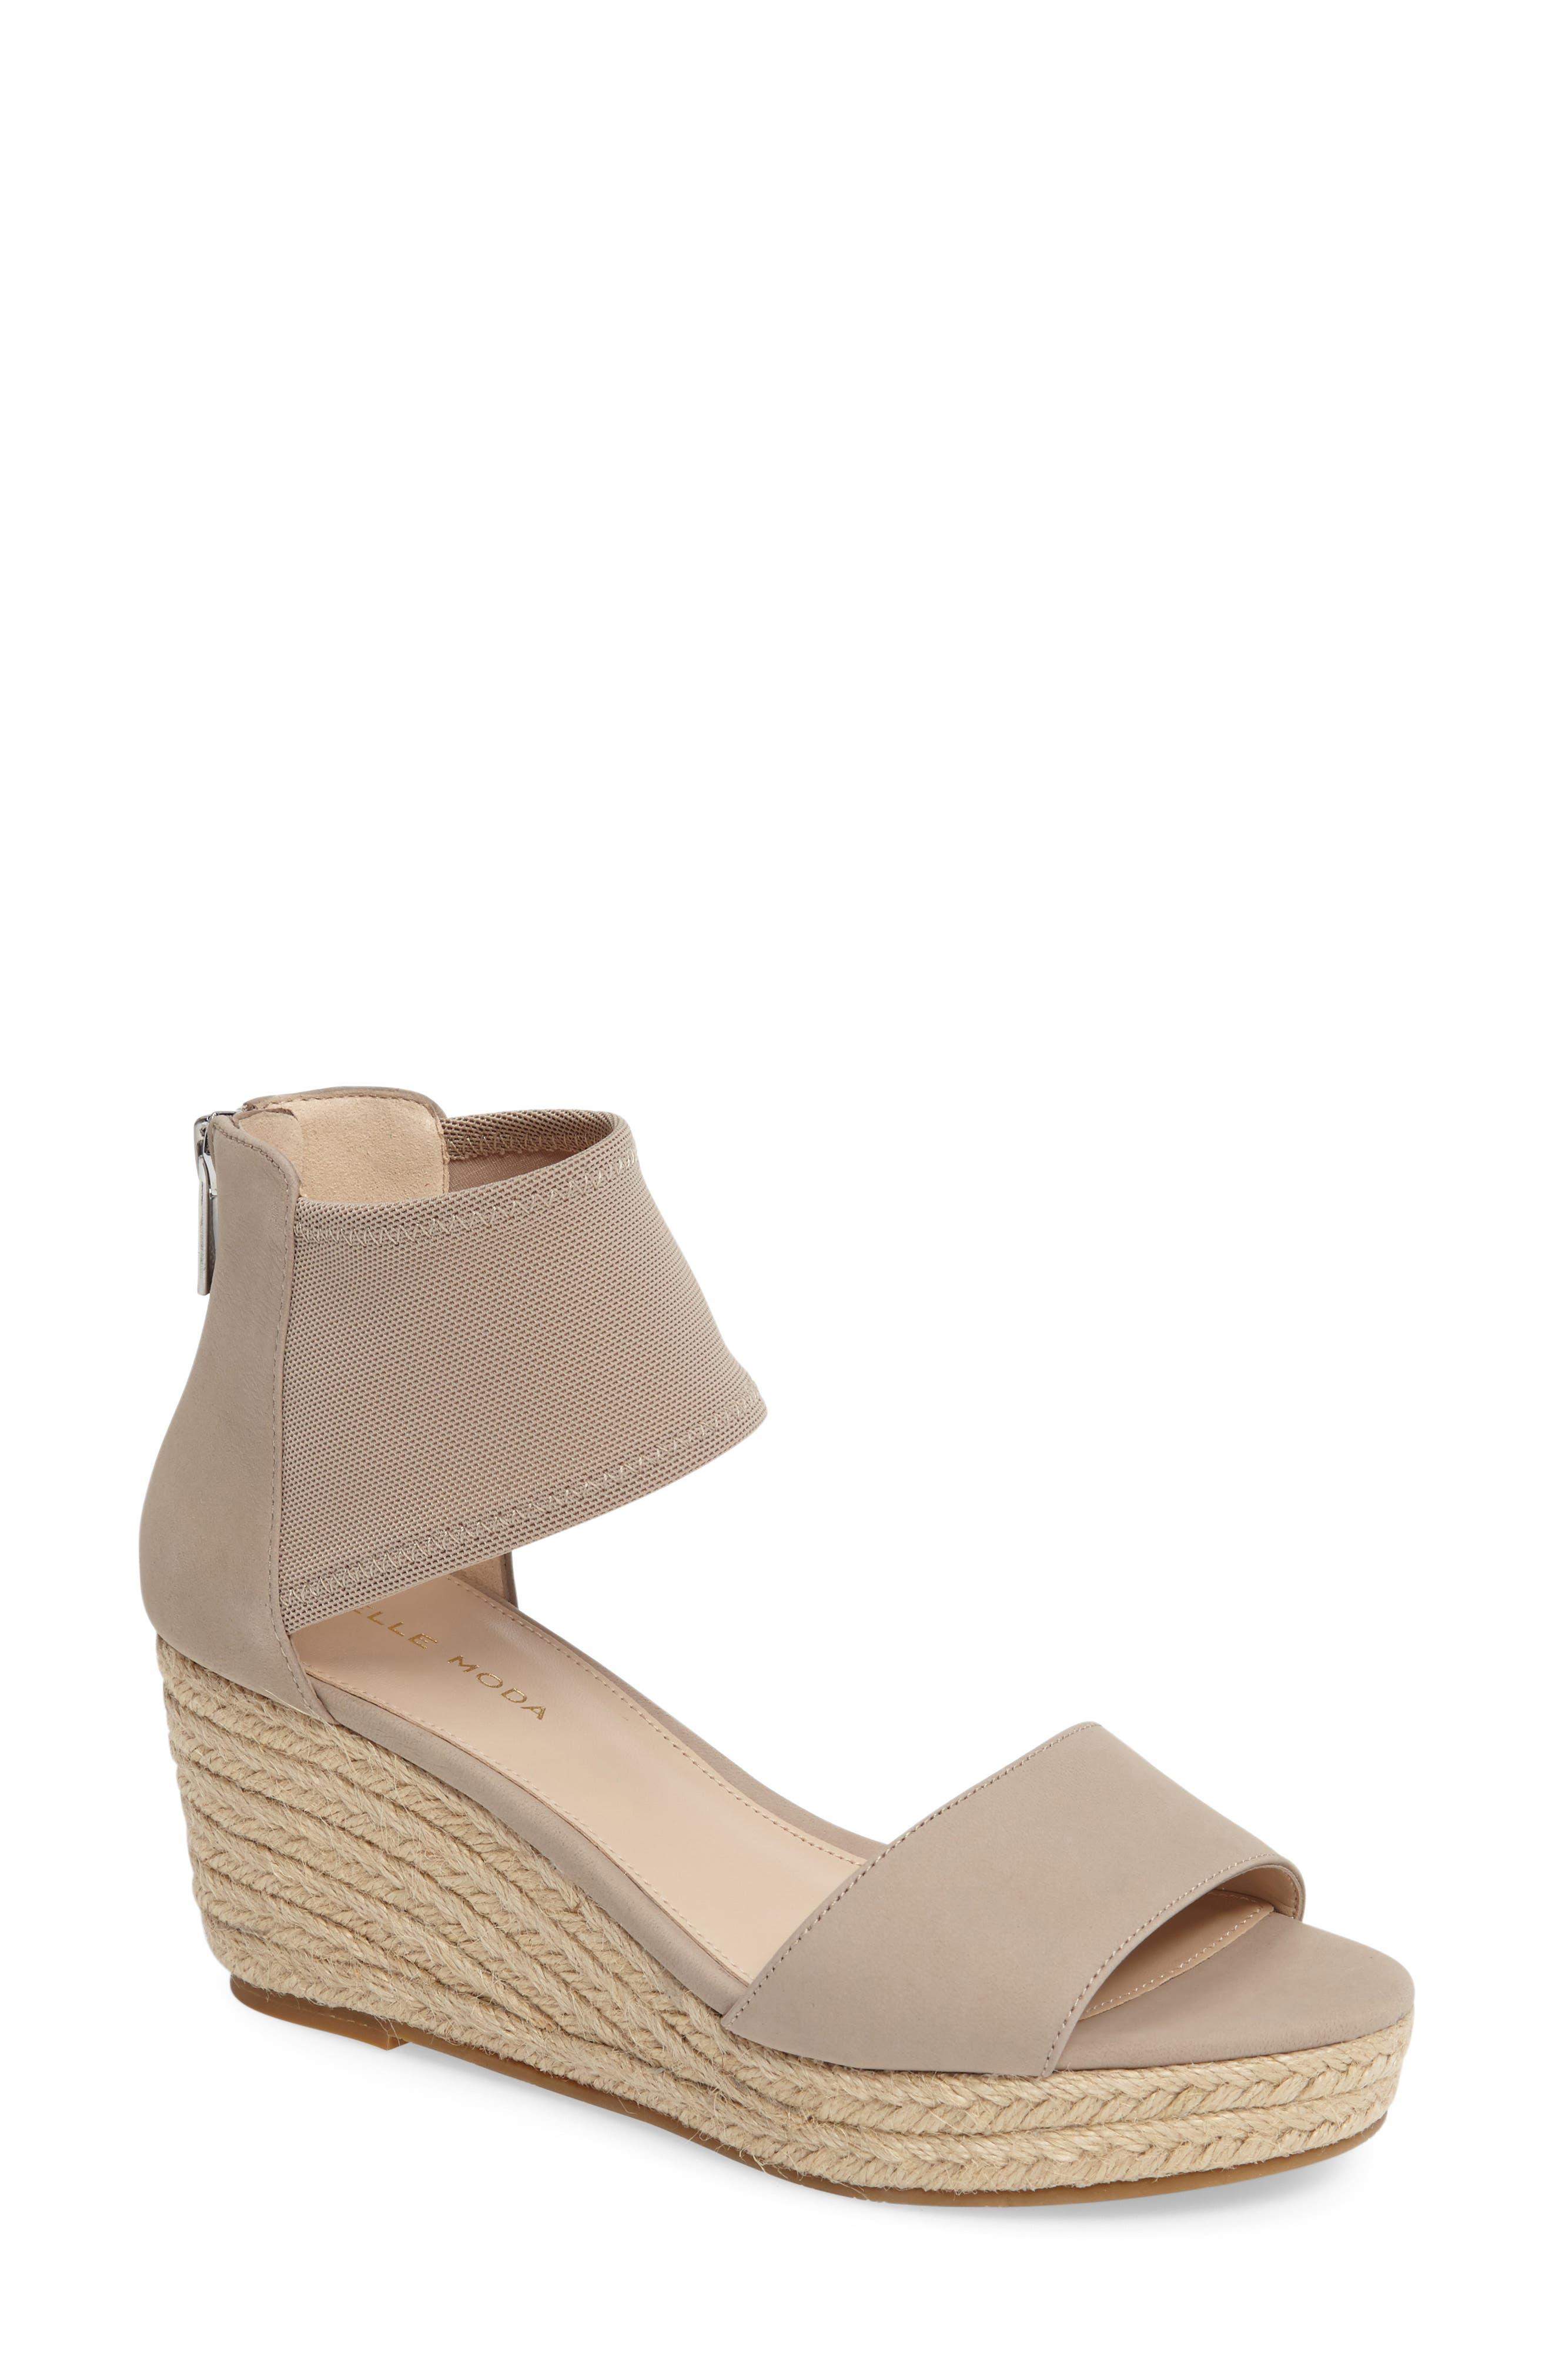 Pelle Moda Kona Platform Wedge Sandal Women Nordstrom